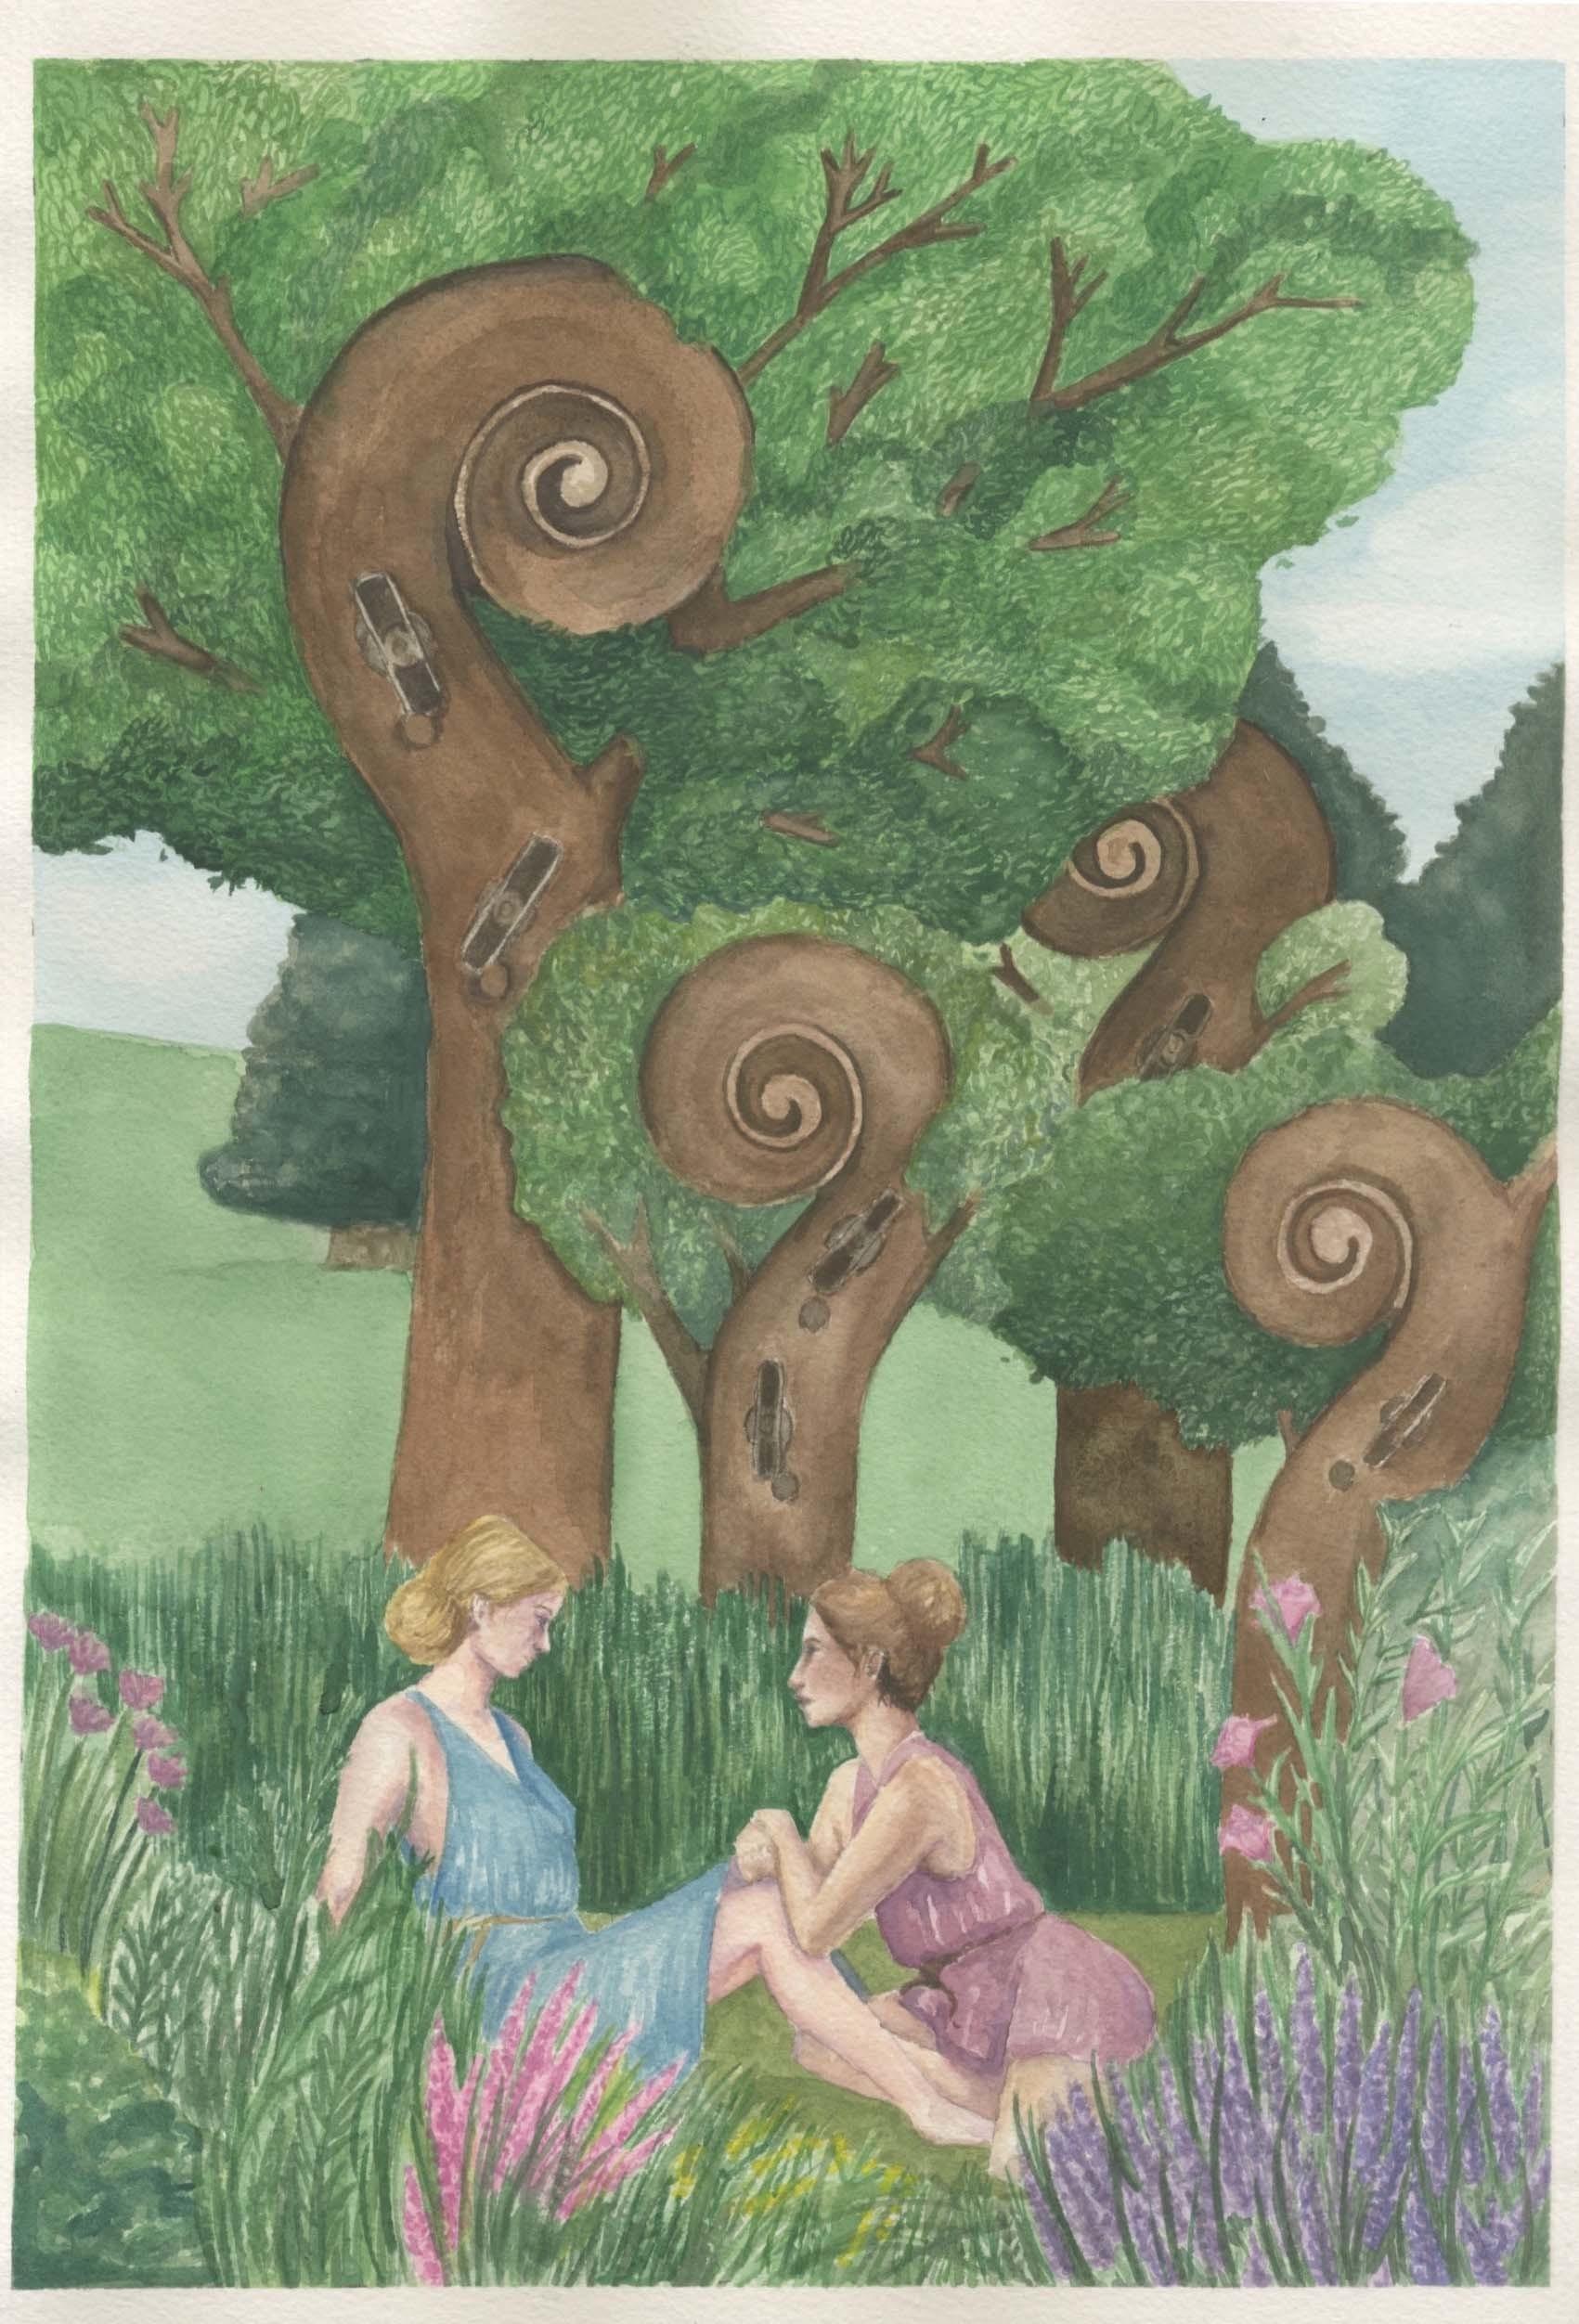 Semele student artwork from MassArt, Grass